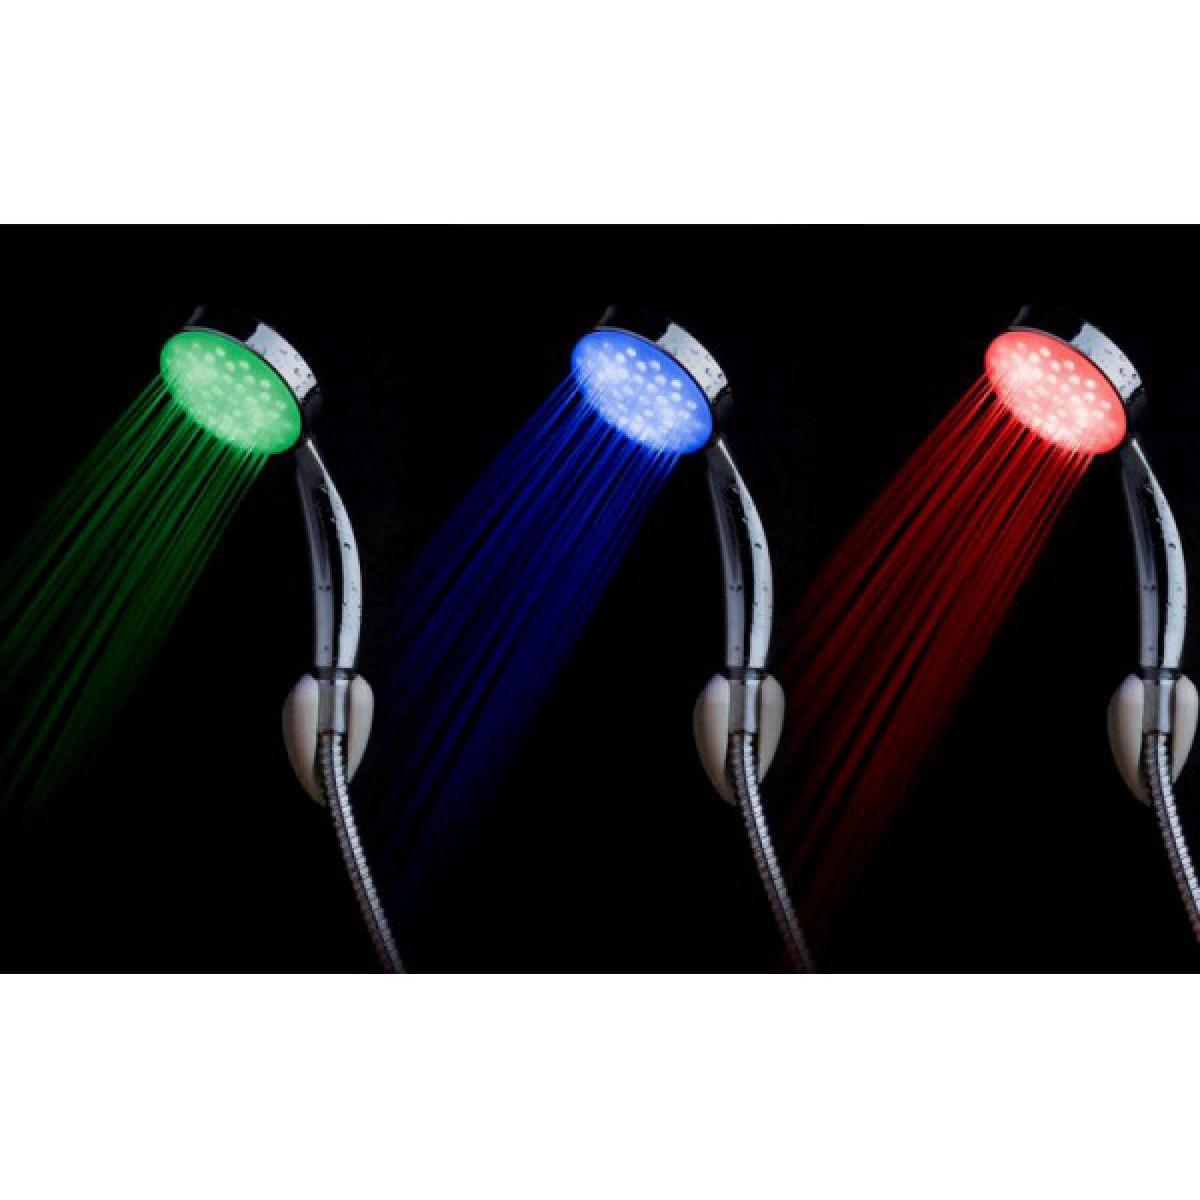 Τηλέφωνο μπάνιου με LED που αλλάζει το φως - OEM RGB LED shower